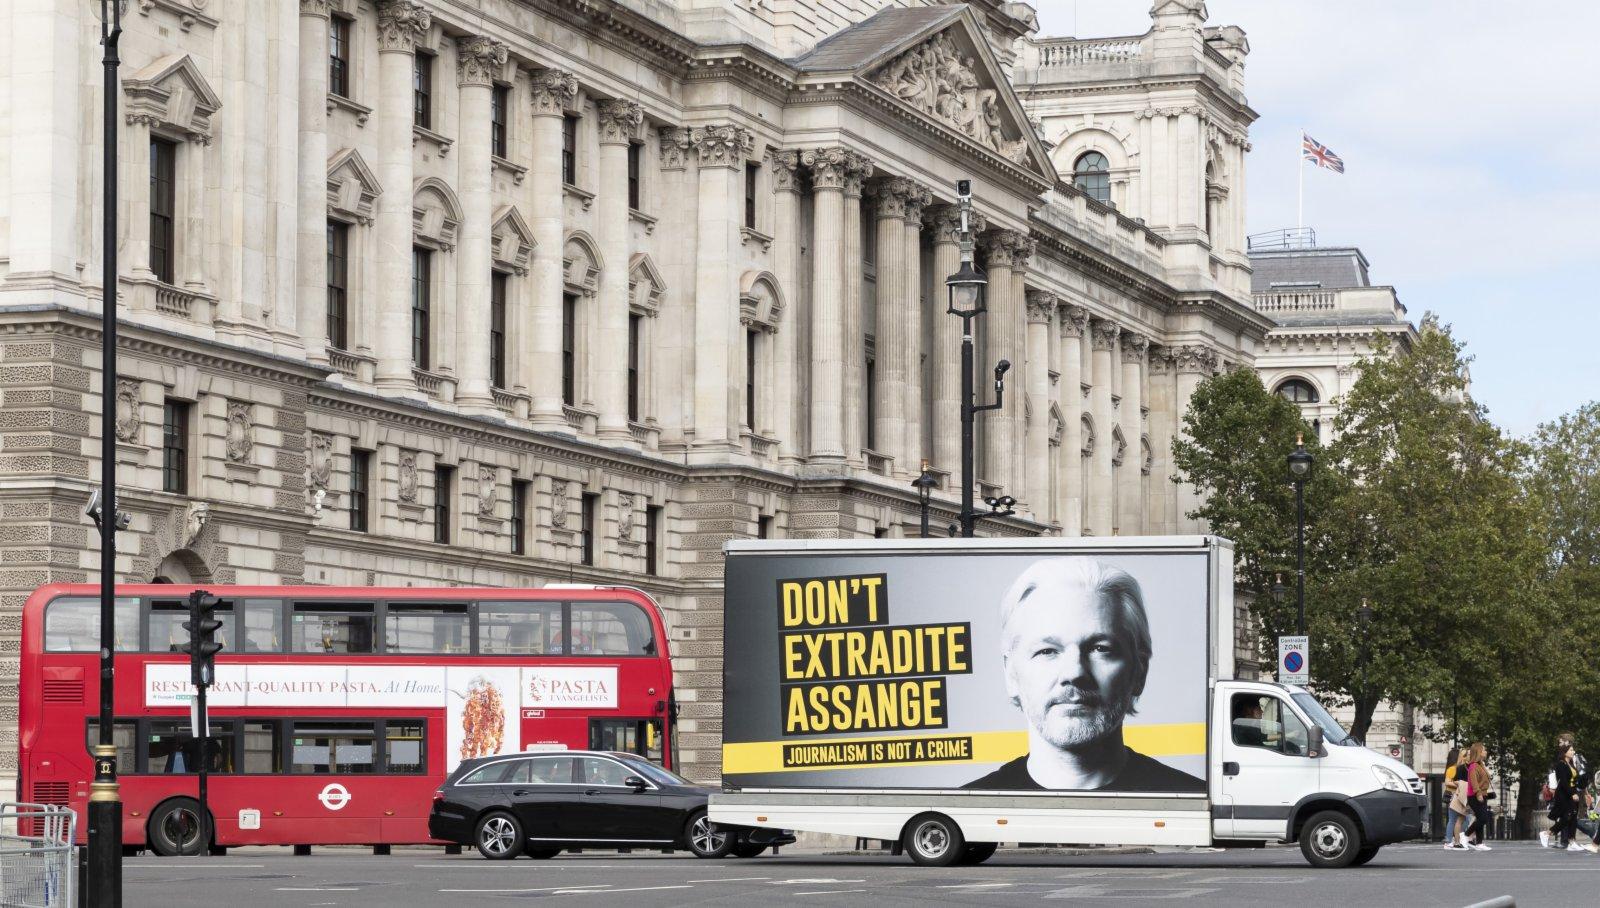 2020年9月8日,英國倫敦的一輛汽車上寫有「不要引渡阿桑奇」的標語。(新華社)